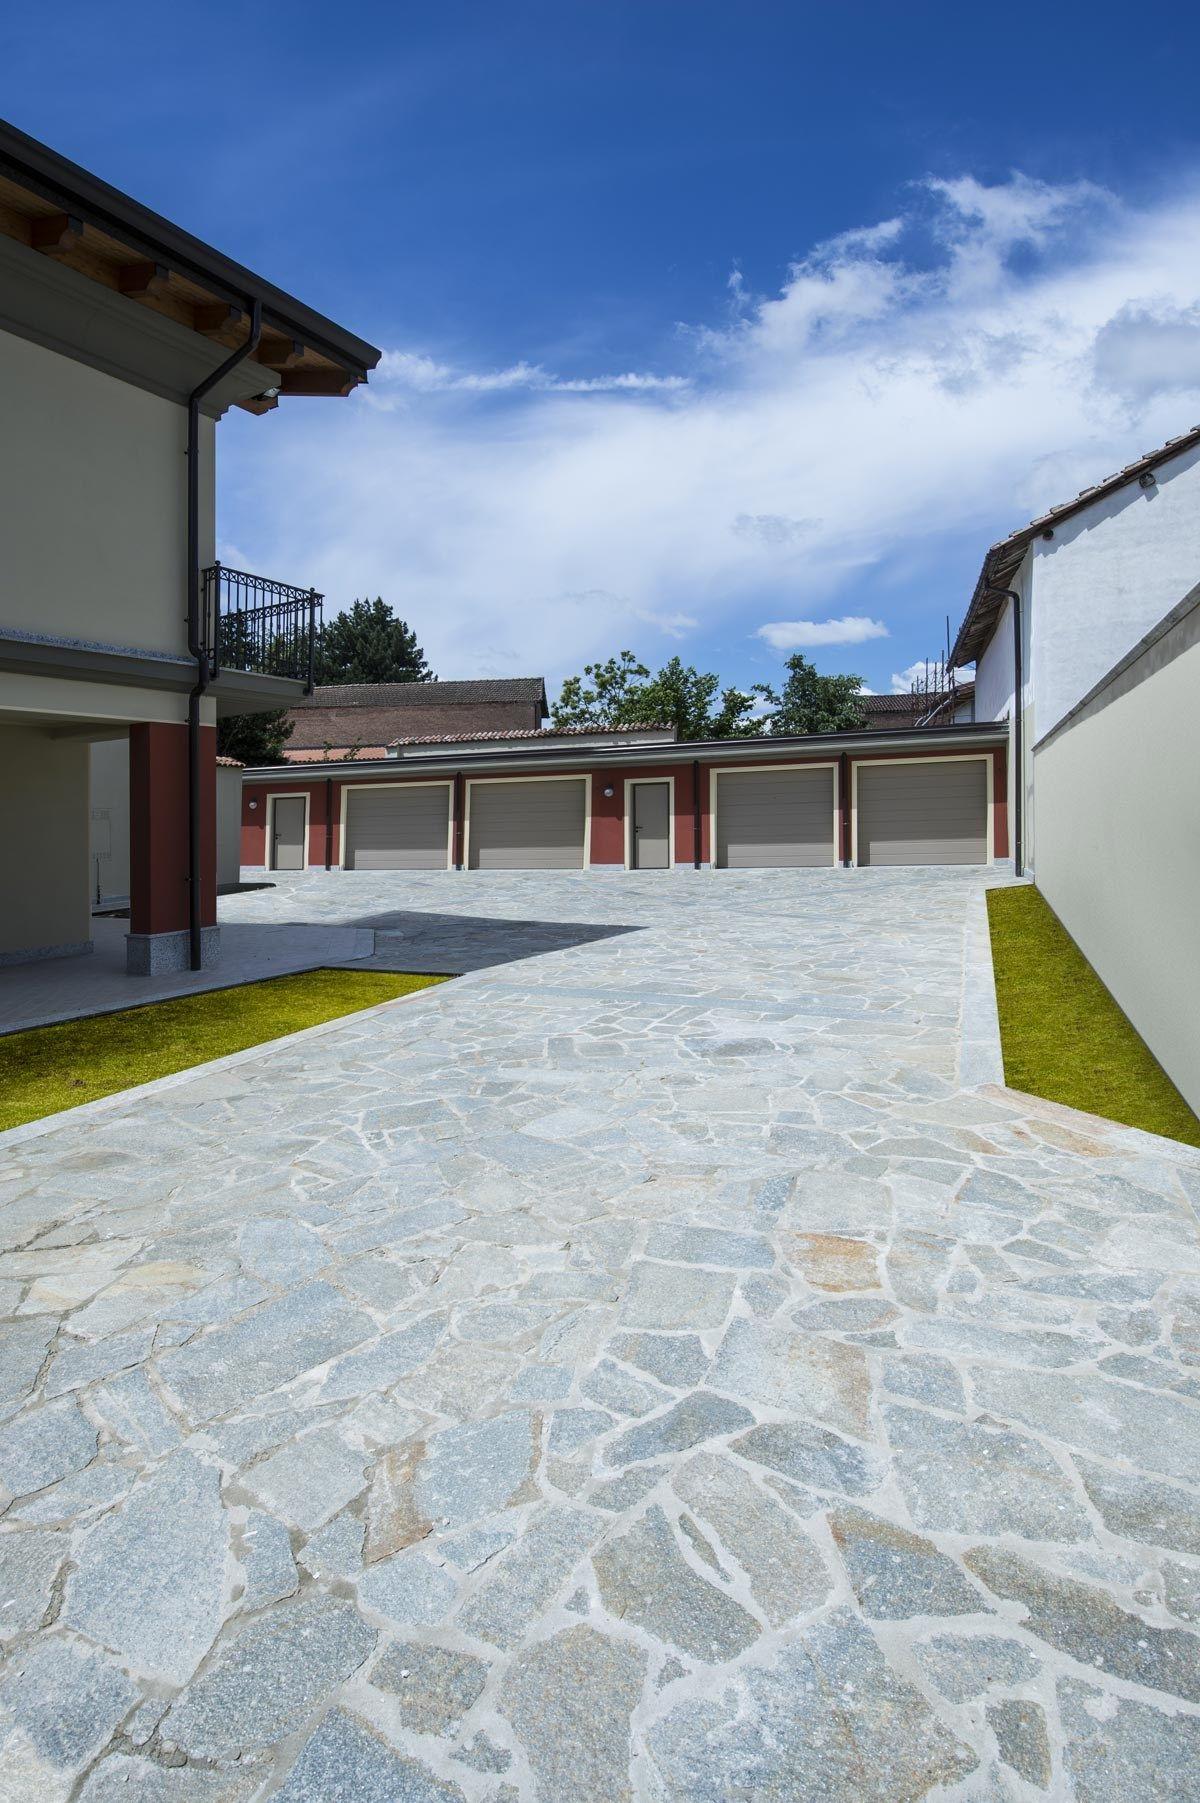 Pavimento de piedra natural jolly grigia by b b - Pavimento para exterior ...